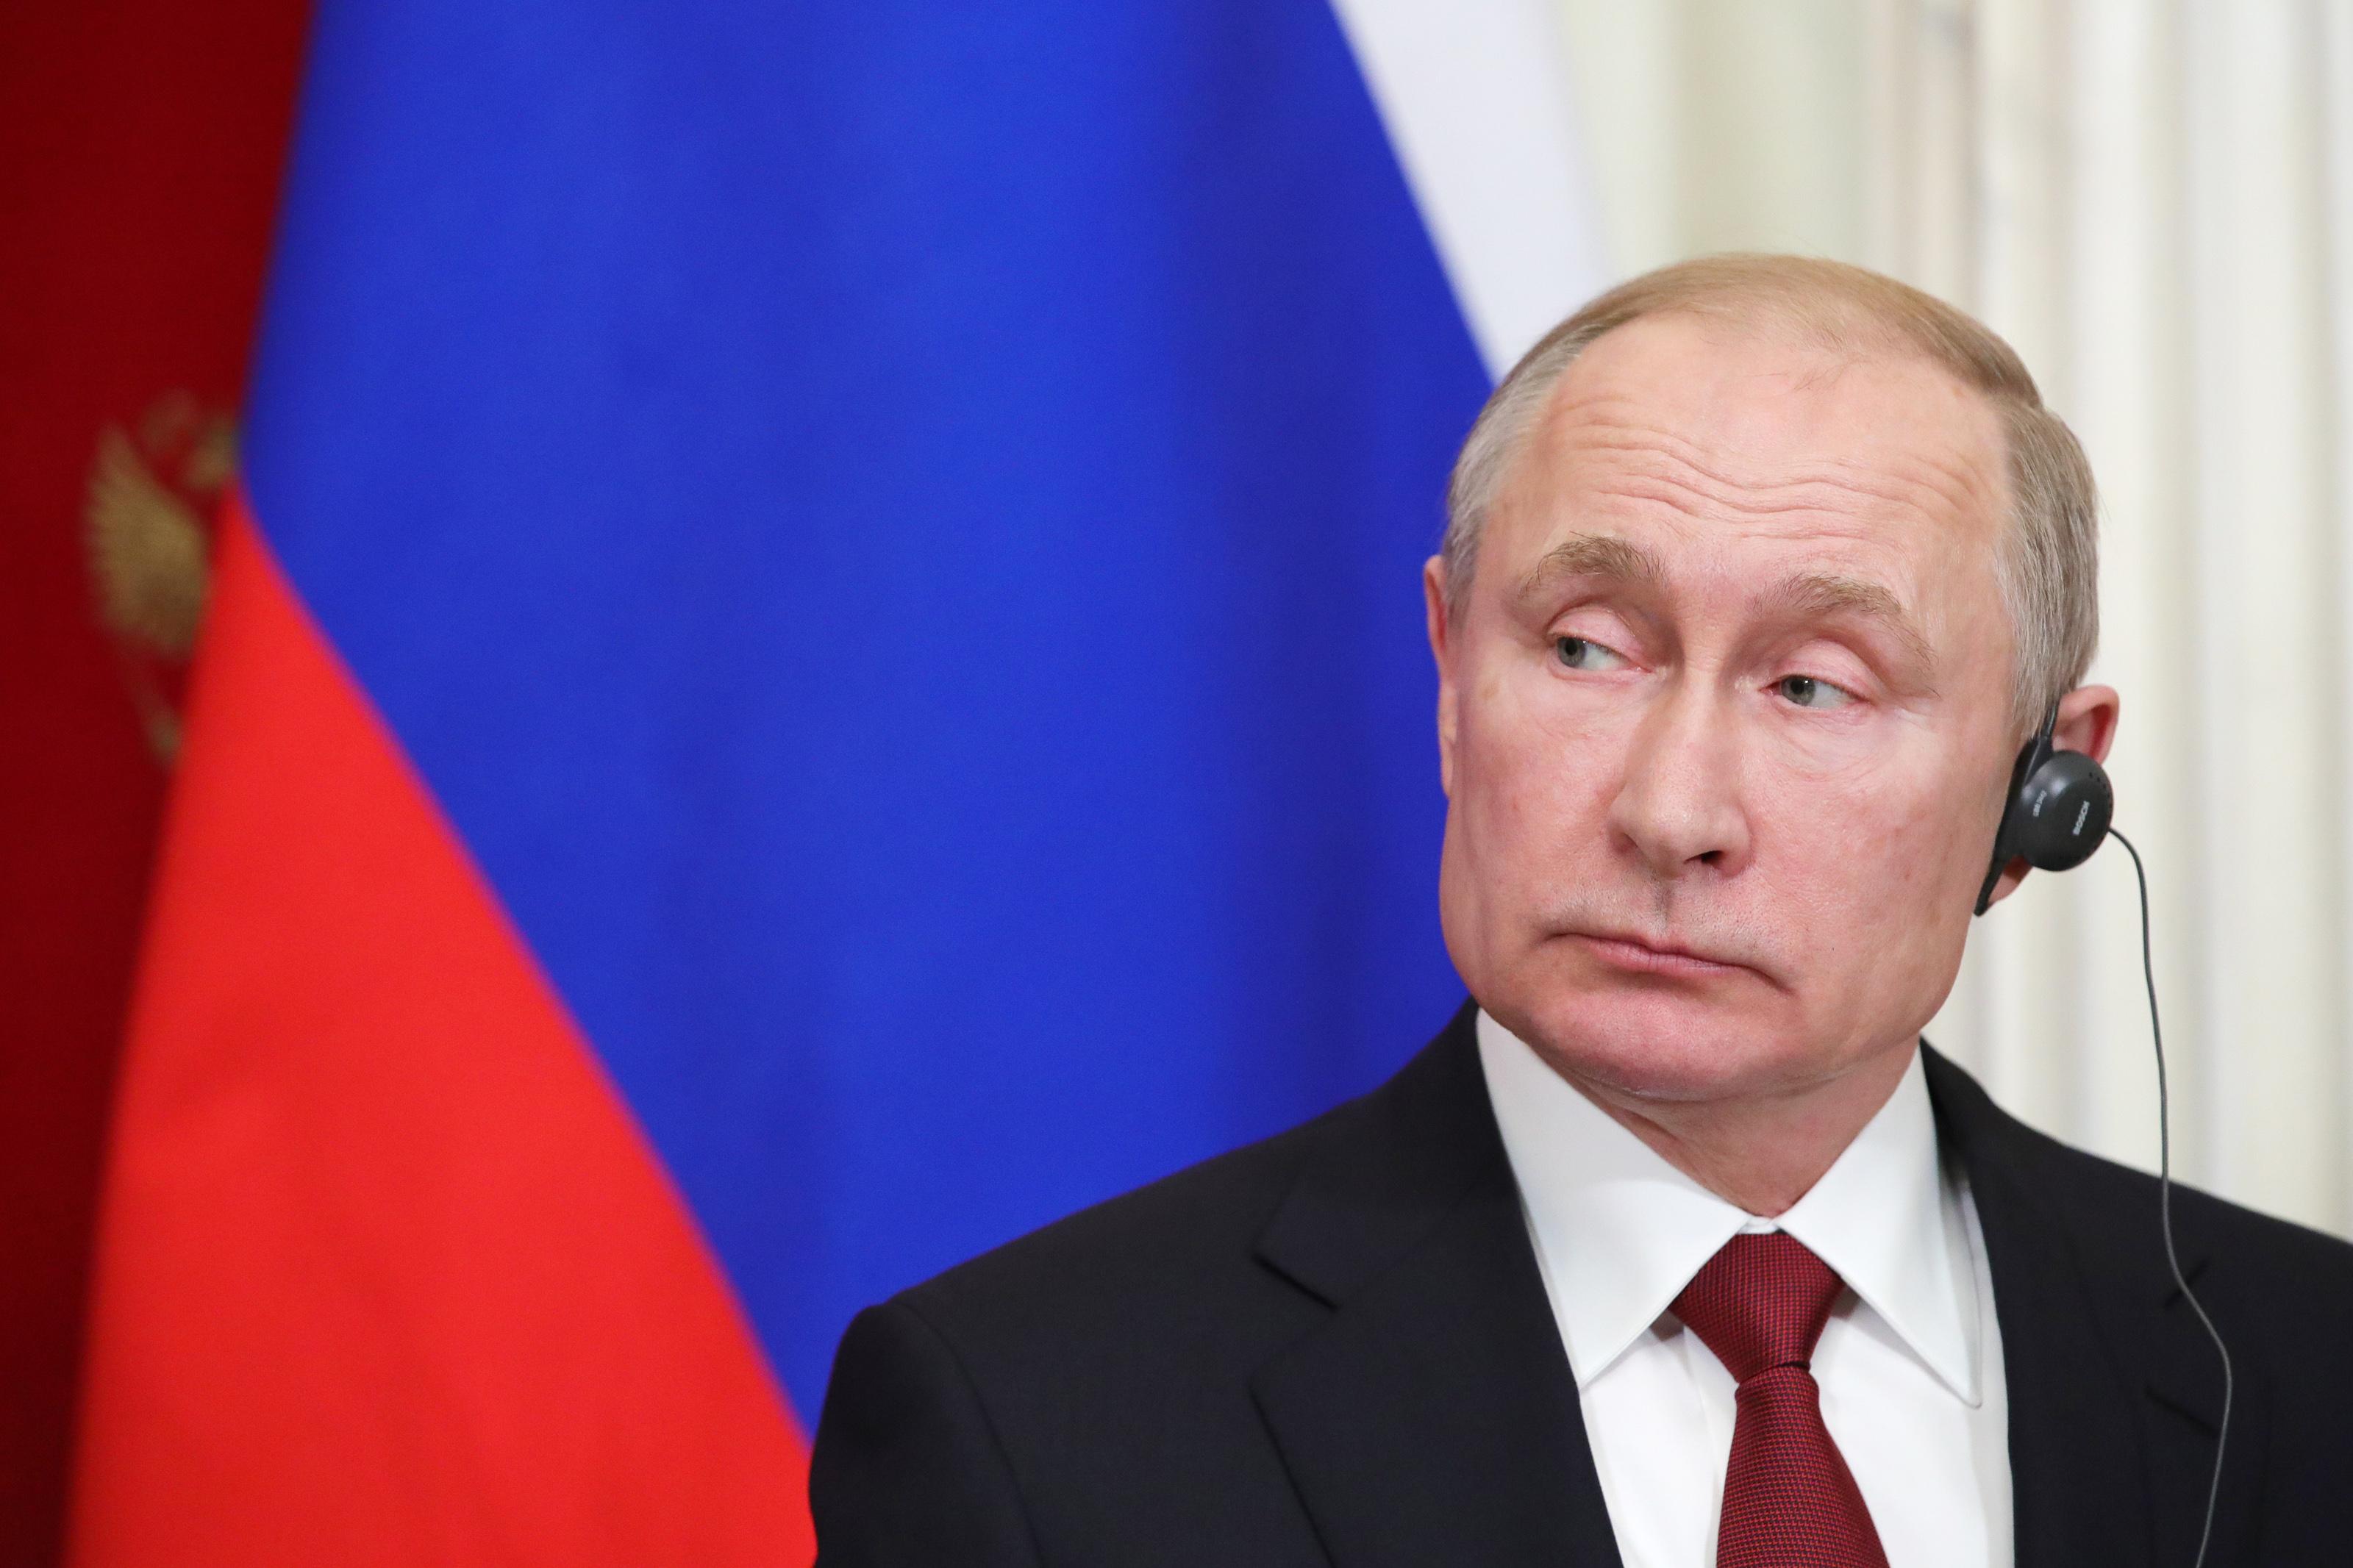 London és Washington szerint Oroszország áll a Georgia elleni nagyszabású kibertámadások mögött